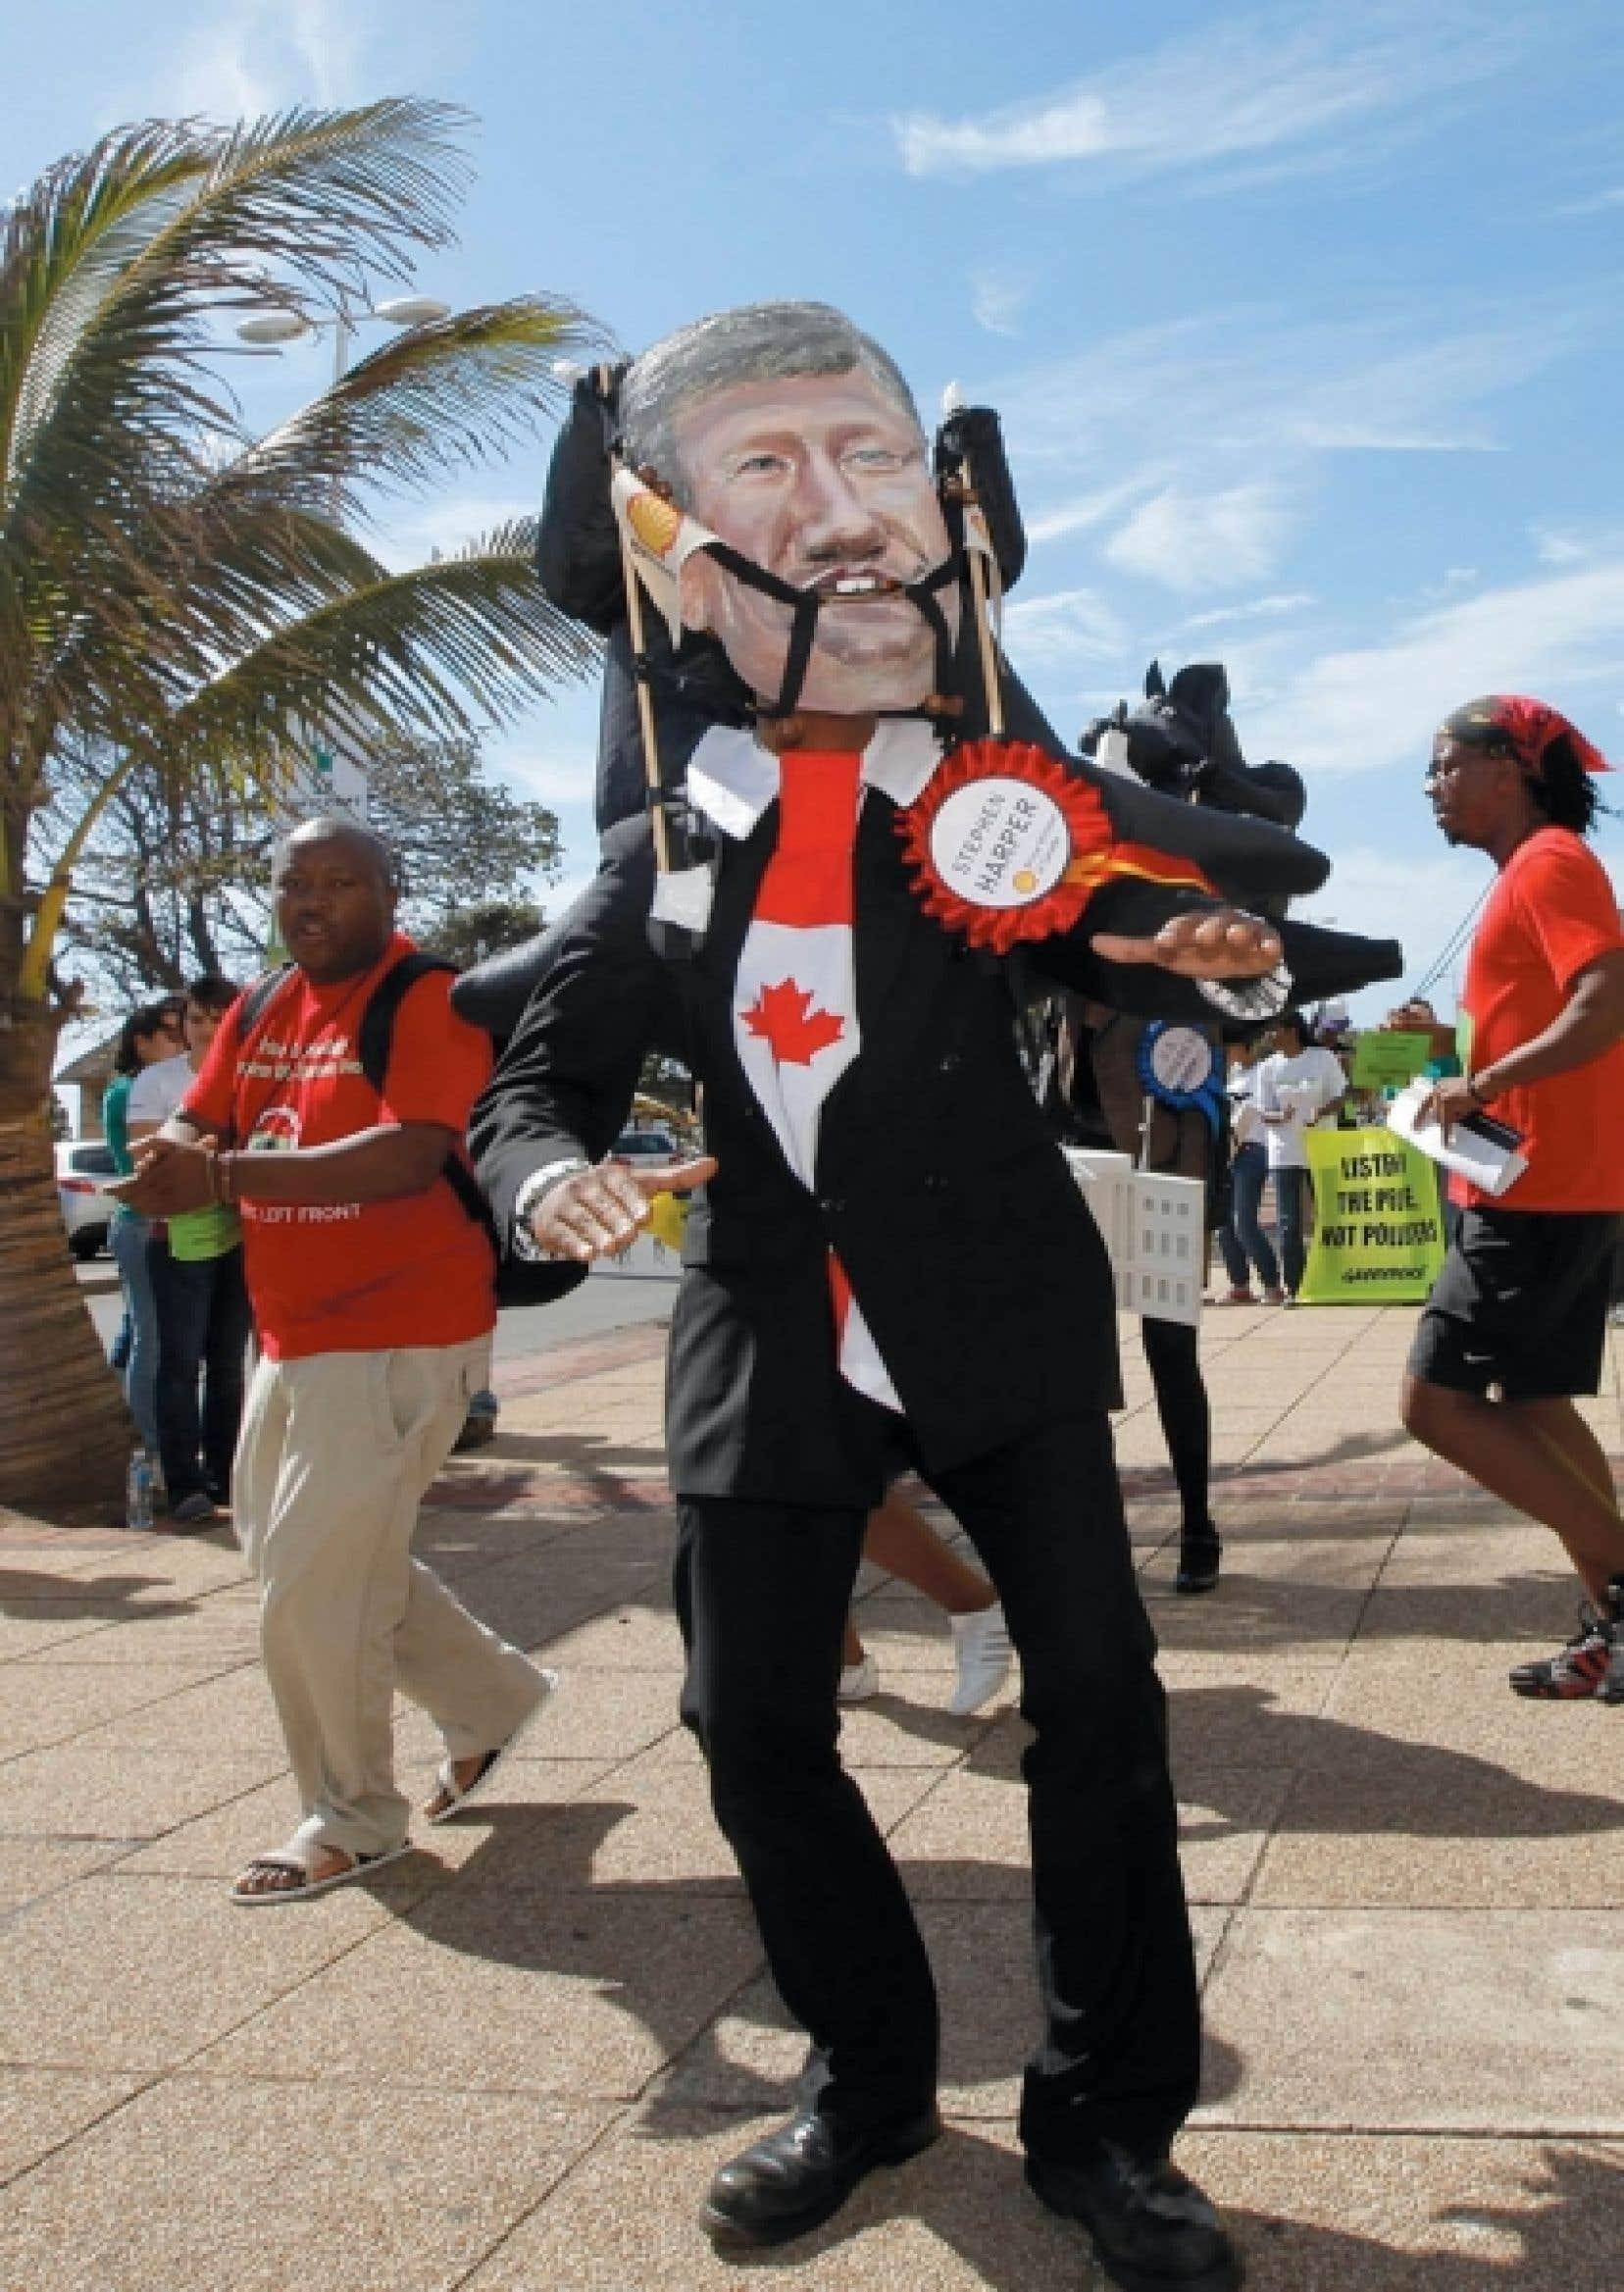 Un manifestant portant un masque à l'effigie du premier ministre Harper dénonce la position du Canada face au Protocole de Kyoto, à l'occasion de la conférence de Durban sur les changements climatiques, en décembre dernier.<br />